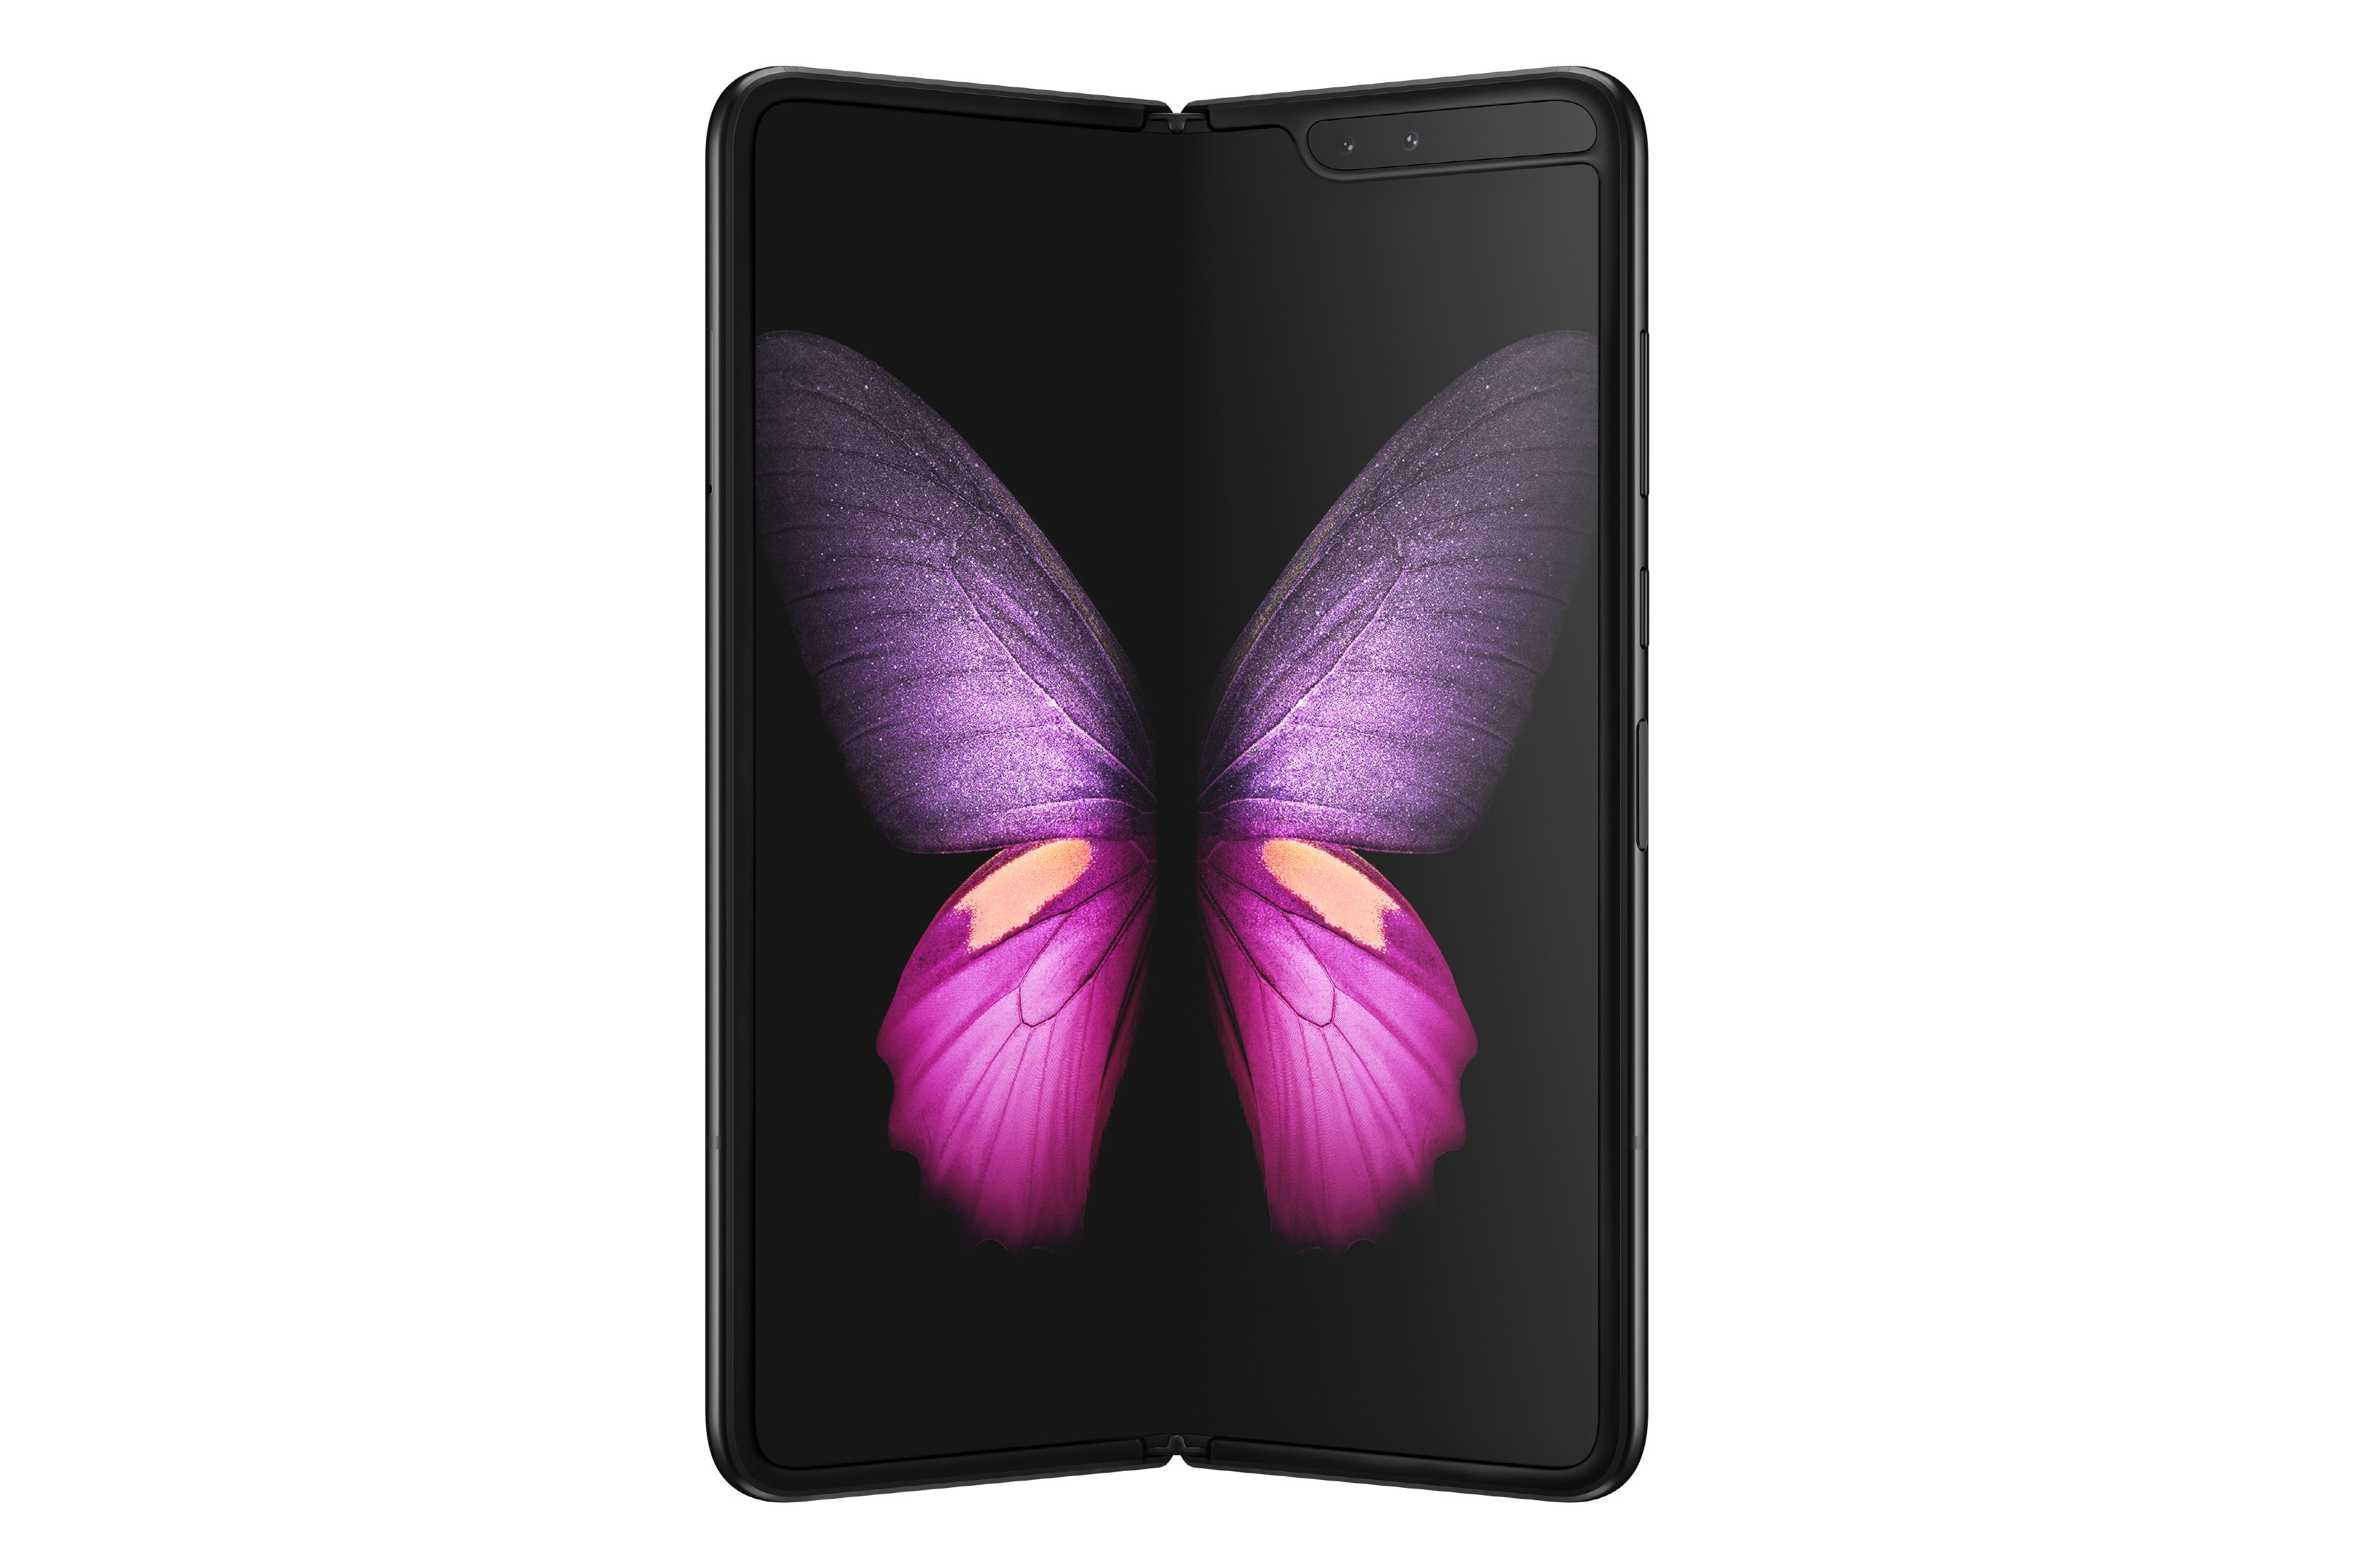 Wymiana ekranu w składanym Samsungu Galaxy Fold będzie tańsza niż w iPhone X